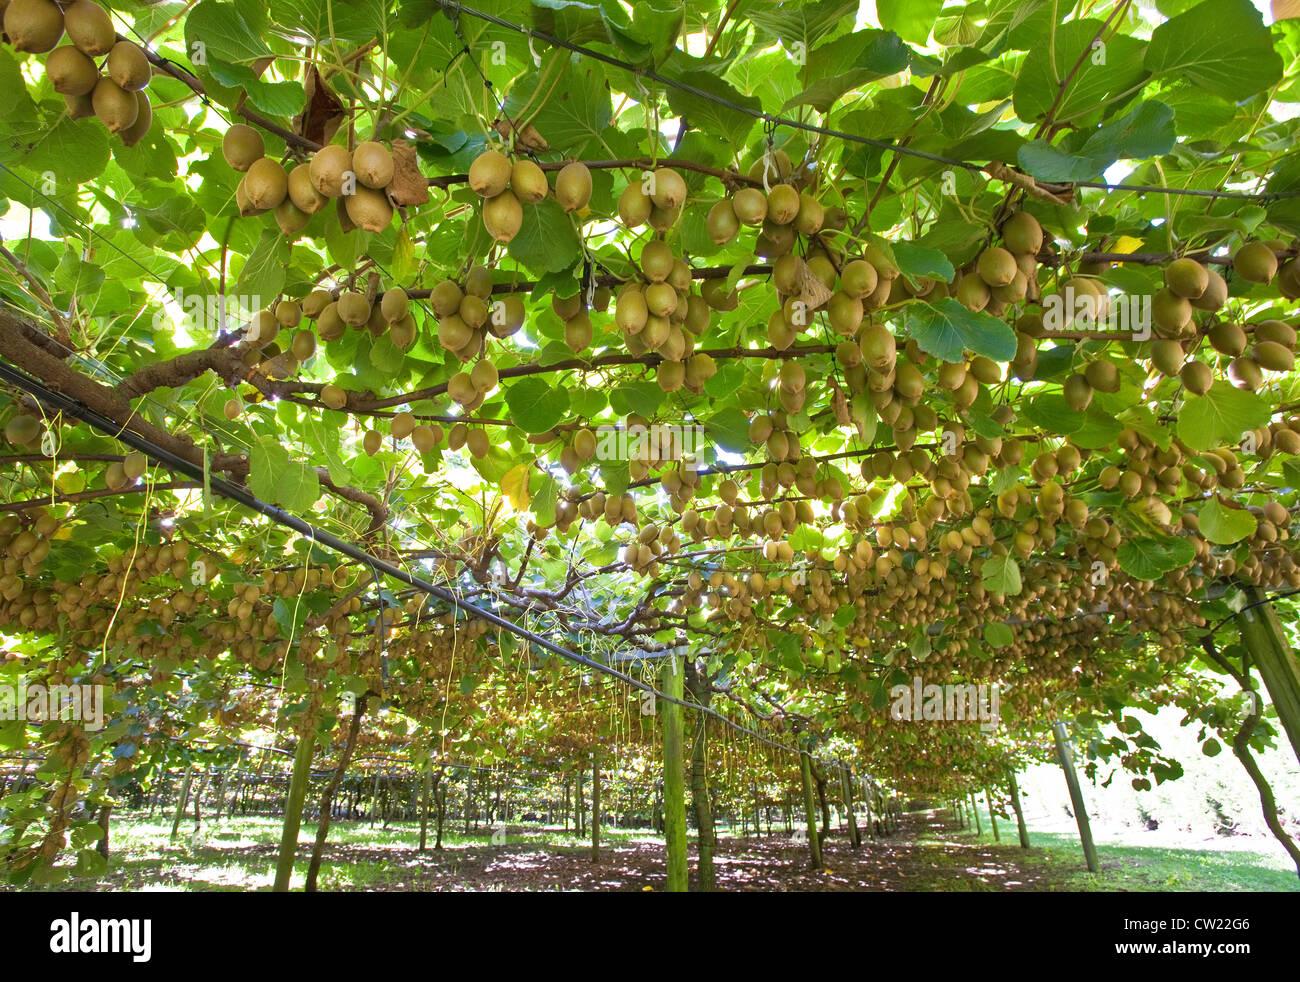 Kiwi fruits - Stock Image